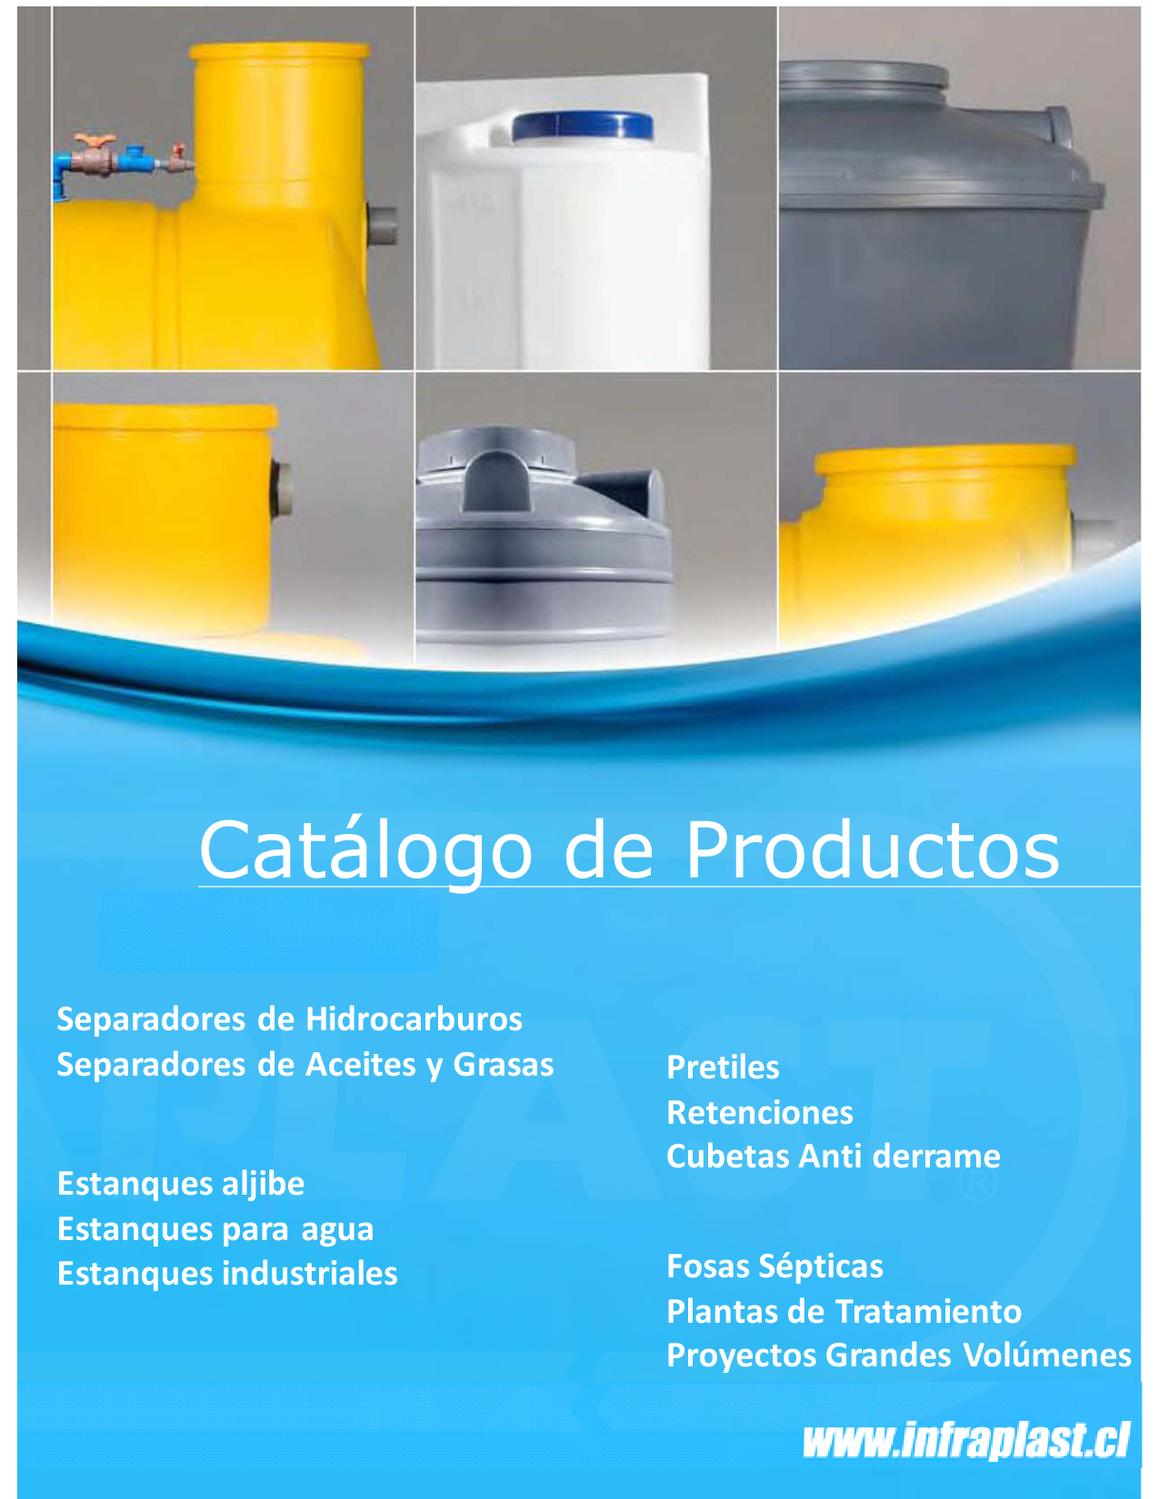 catalogo productos infraplast 2012 by laetitia roucher issuu